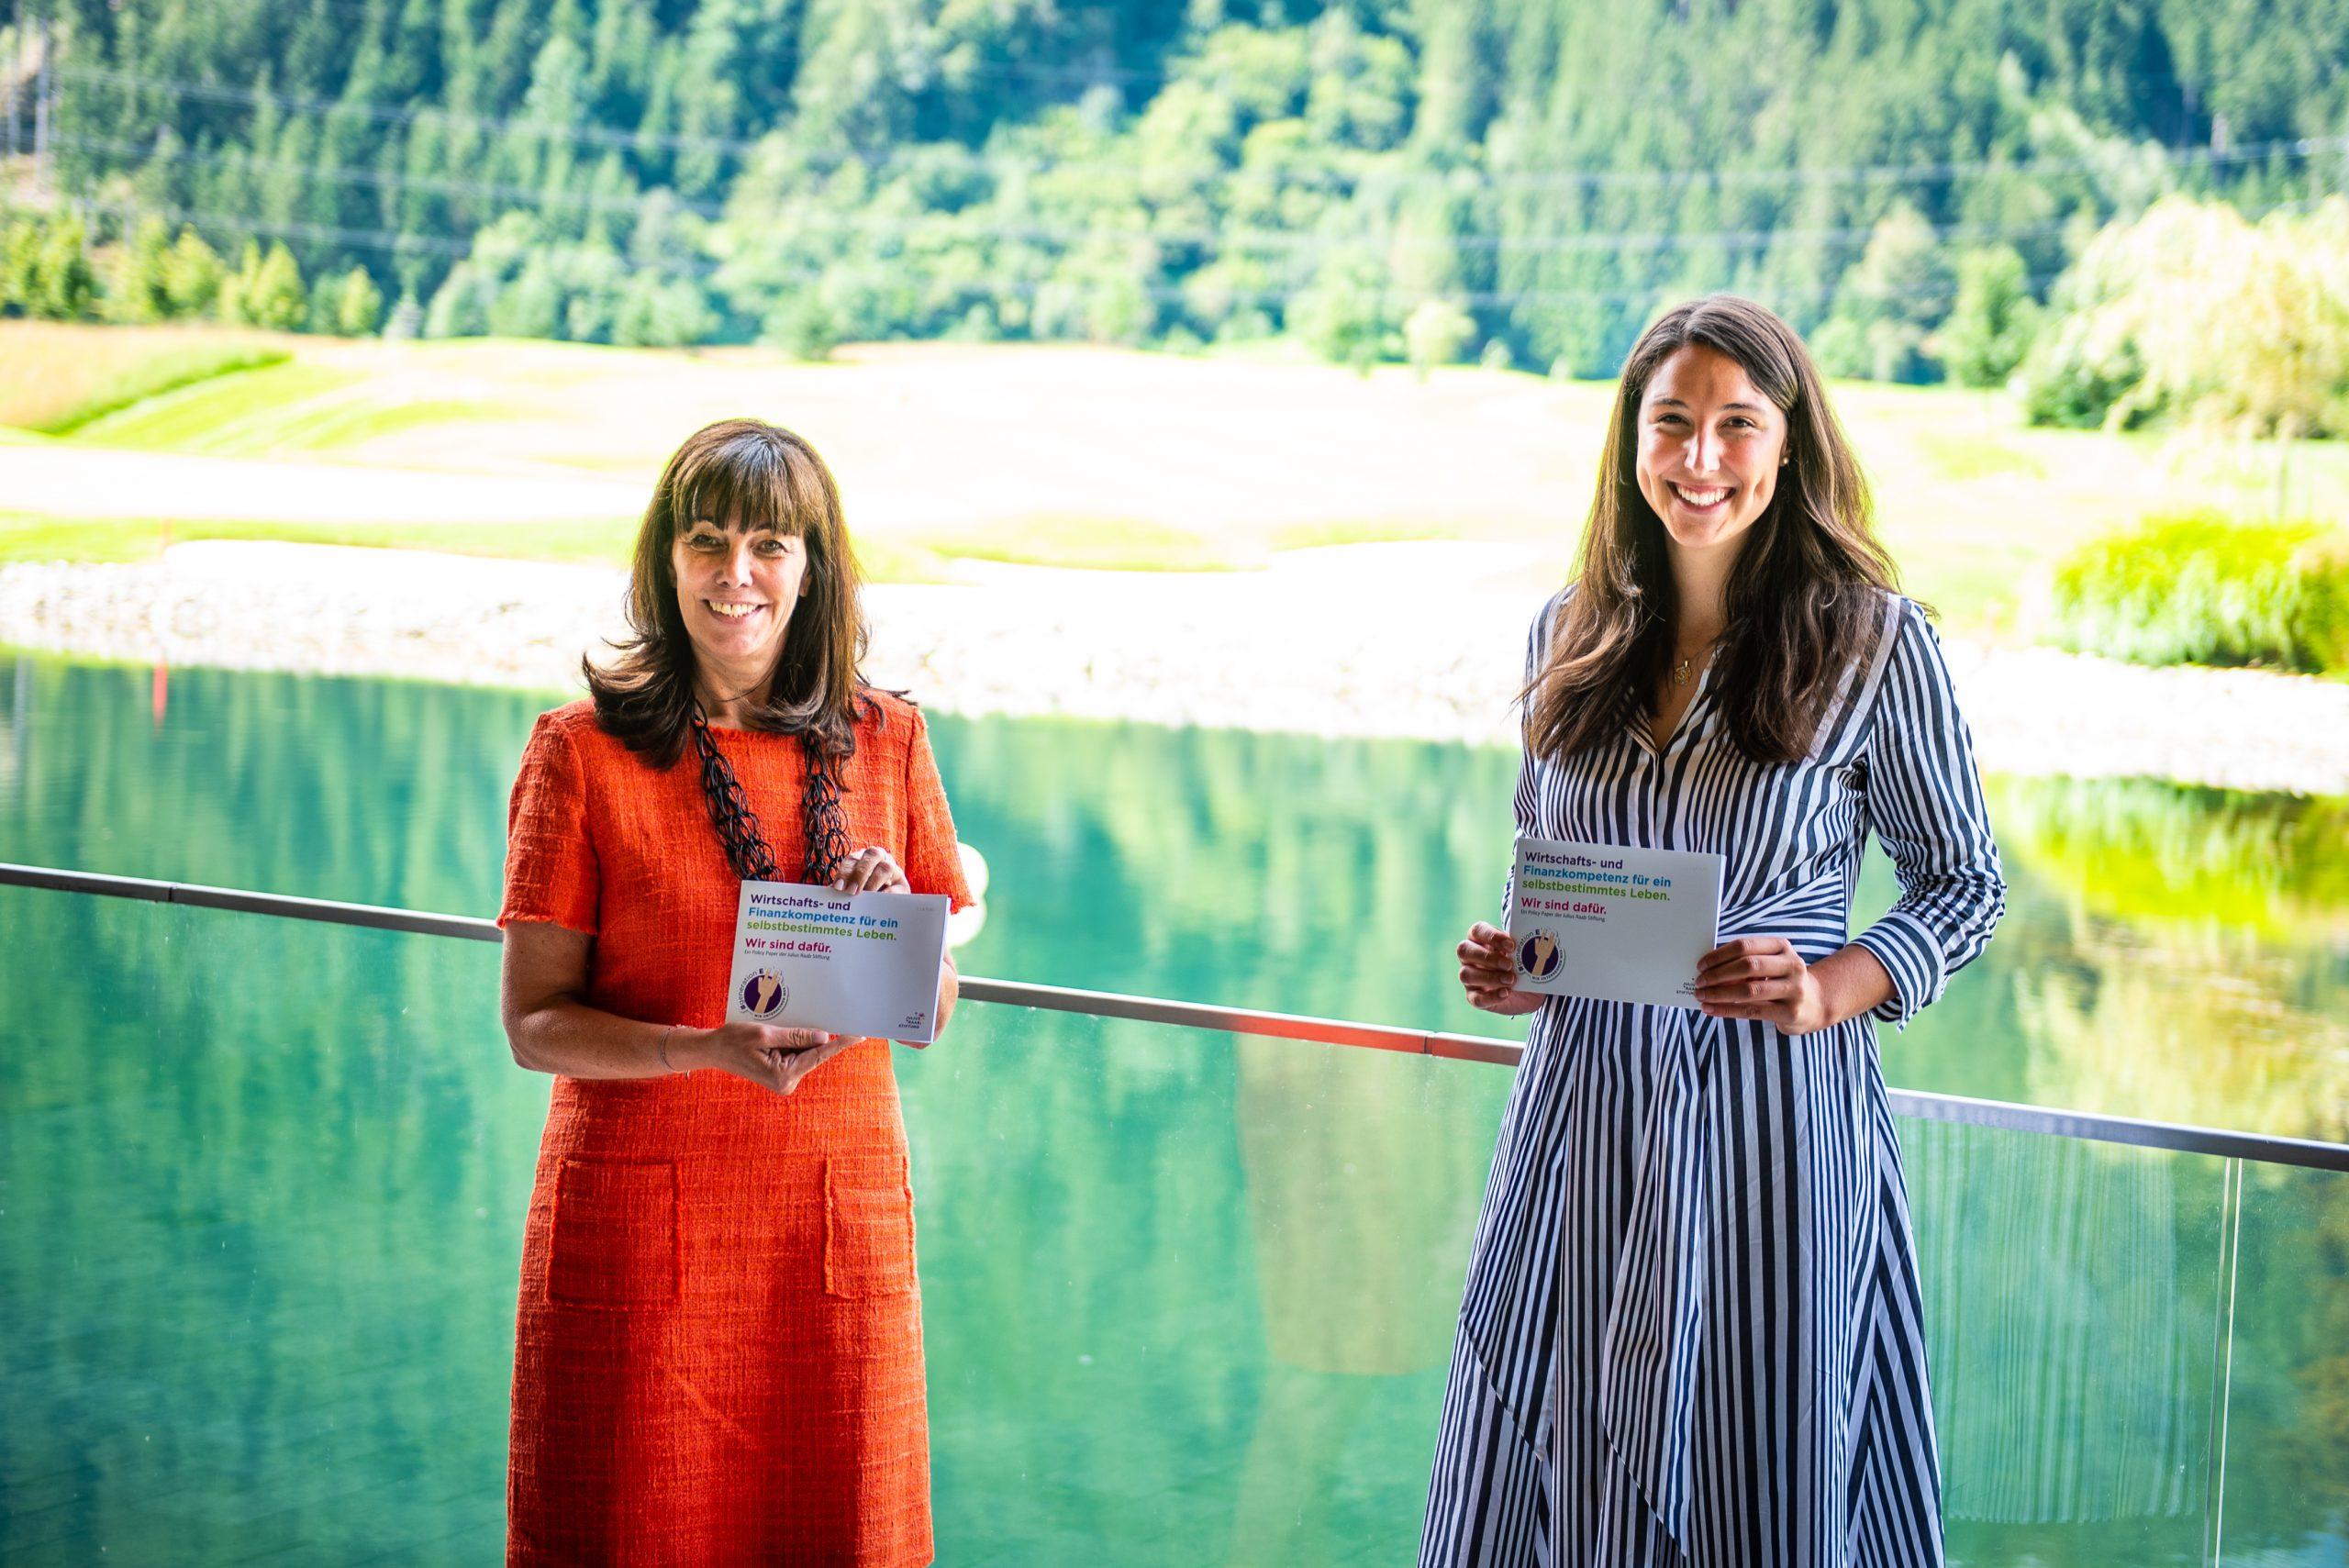 JRS Präsidentin Martha Schultz und LA Sophia Kircher zur neuen Publikation der Julius Raab Stiftung